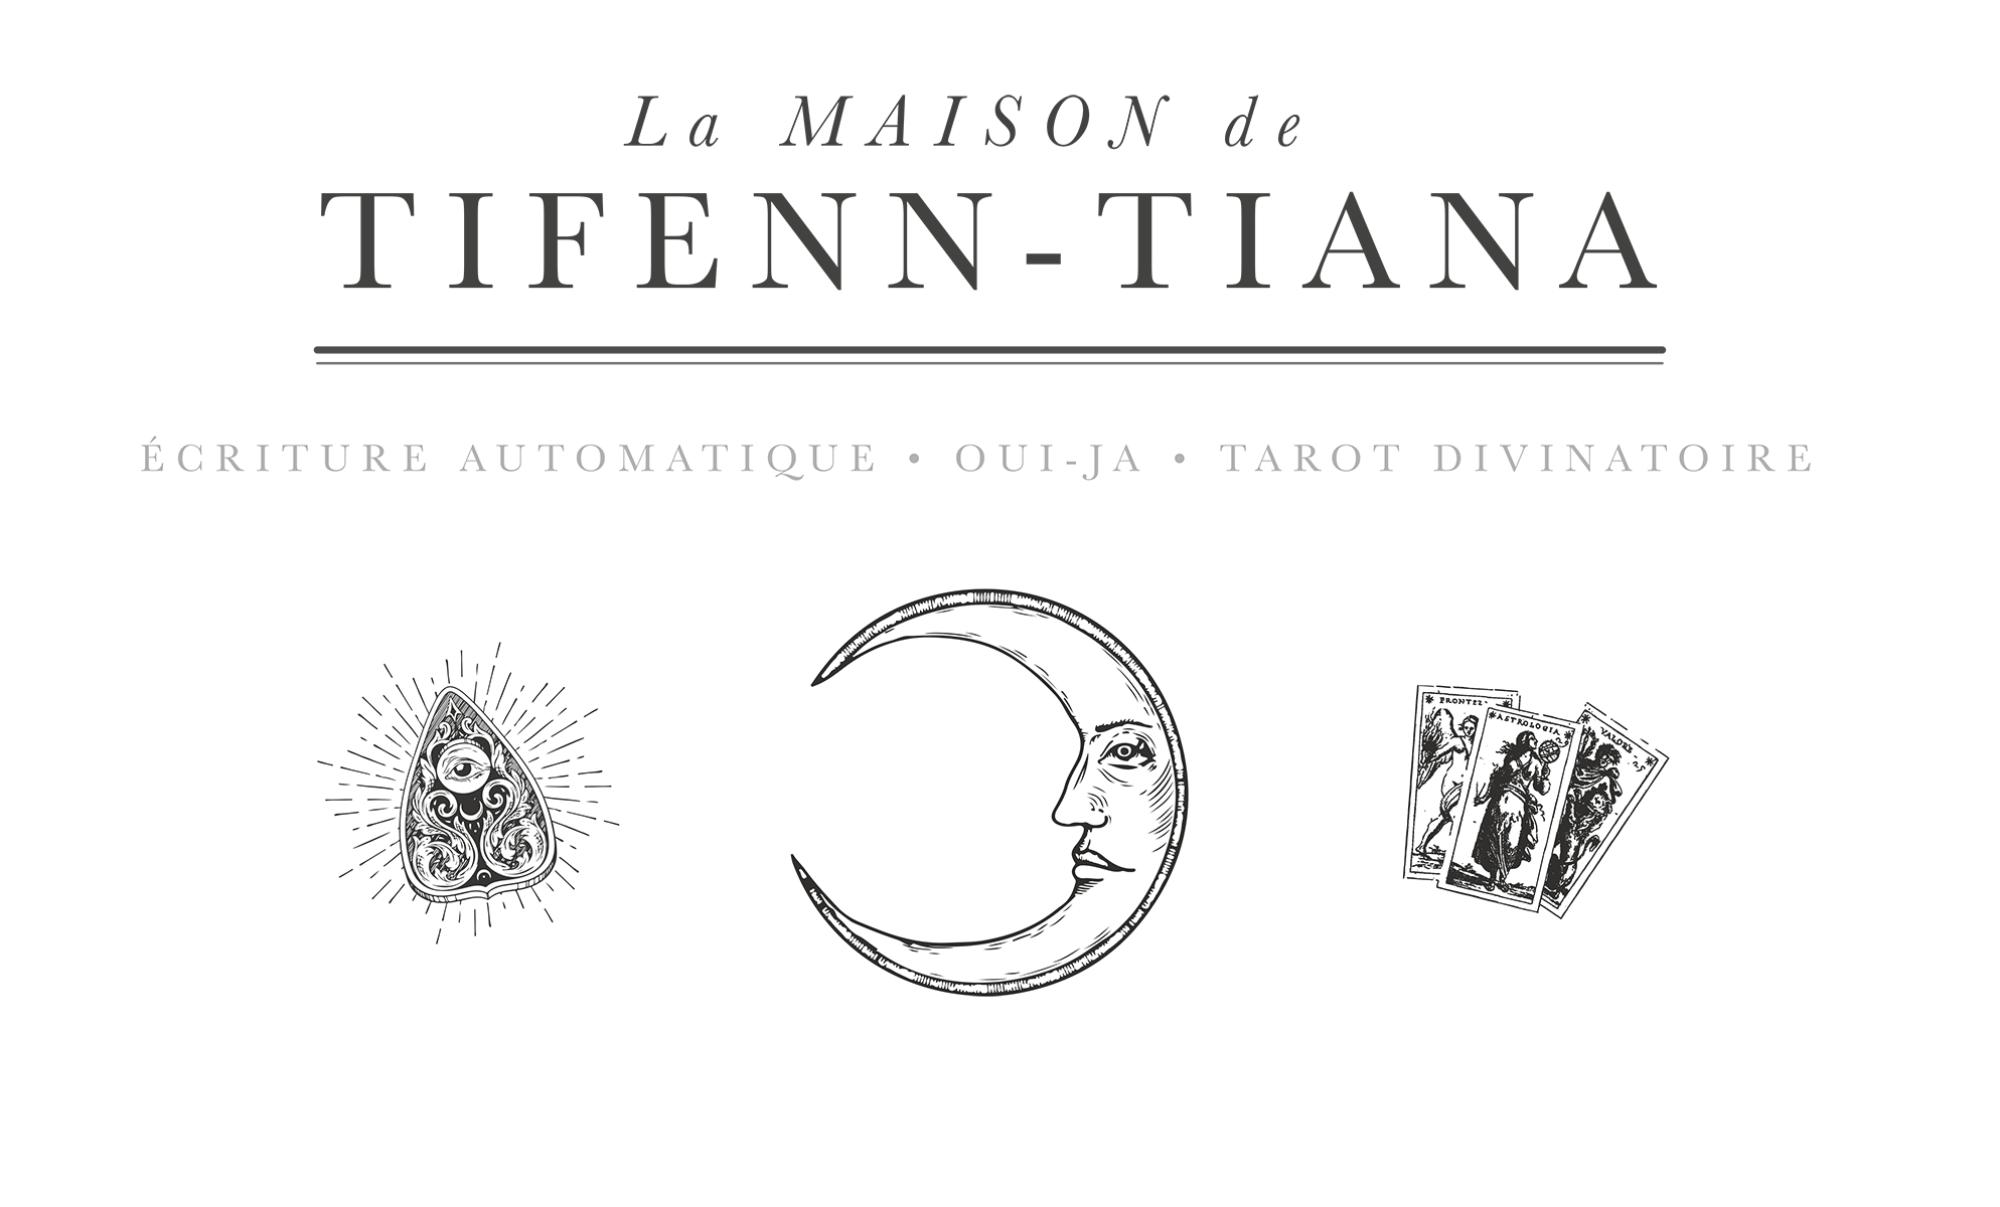 La Maison de Tifenn-Tiana